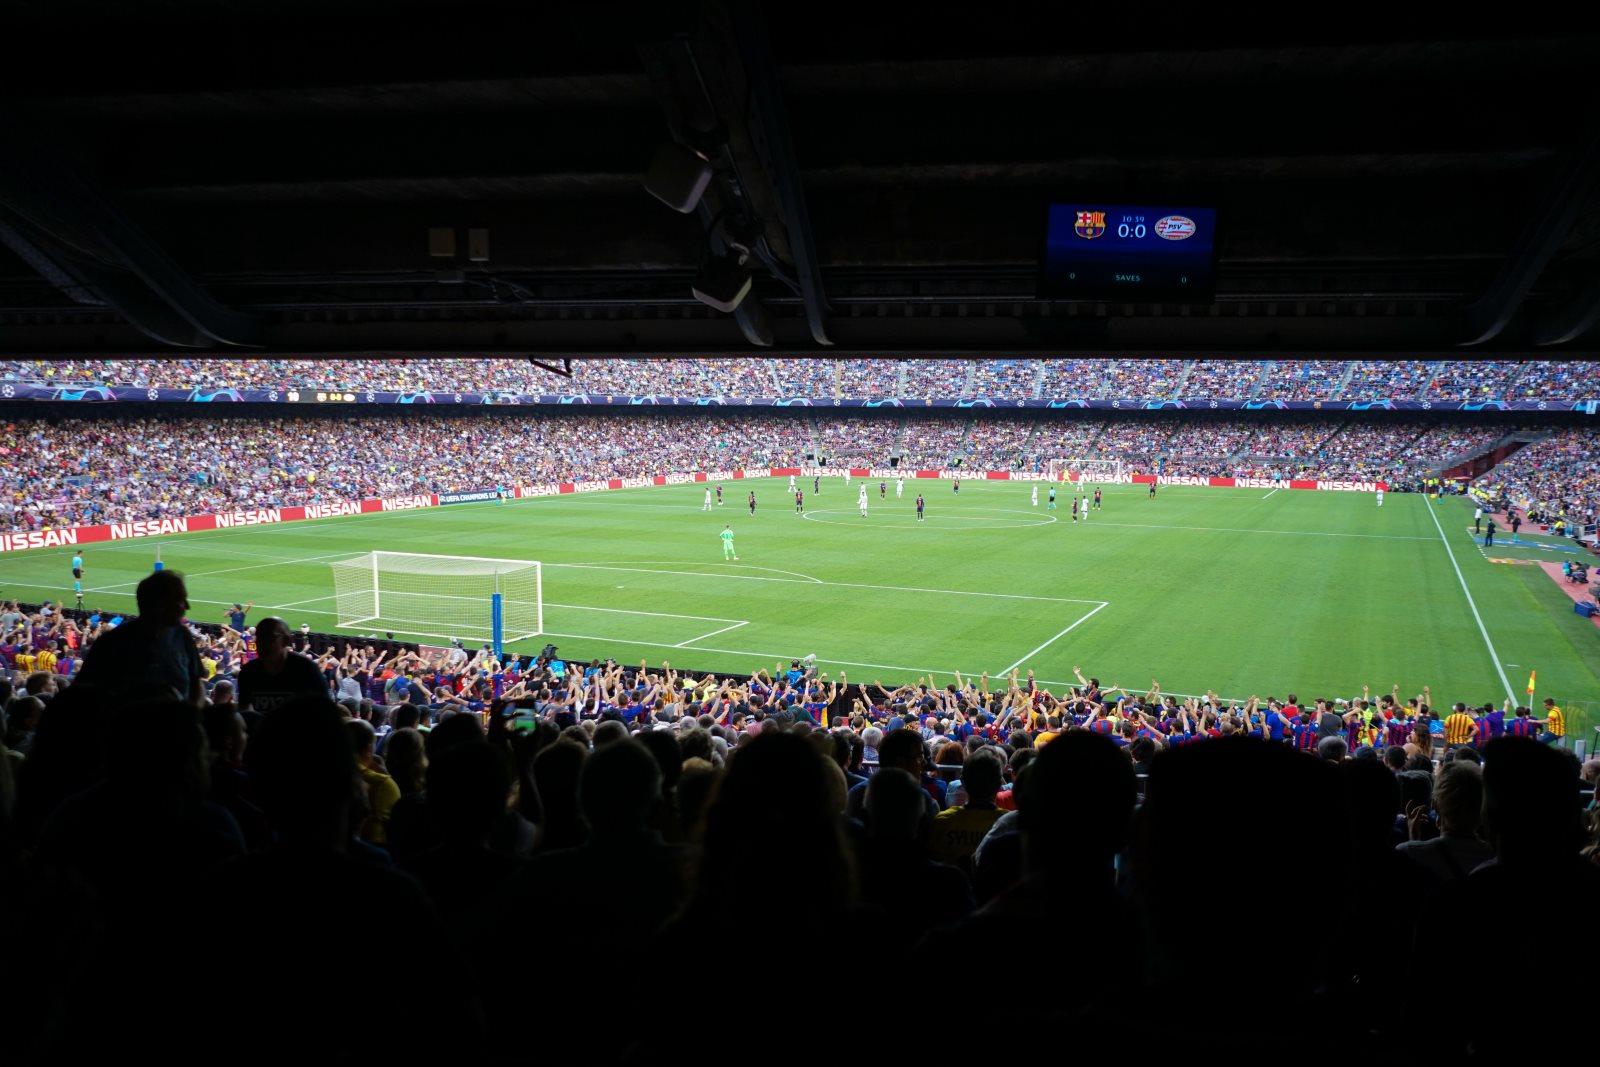 Ćwierćfinały Ligi Mistrzów 2019: kto awansuje do półfinałów?